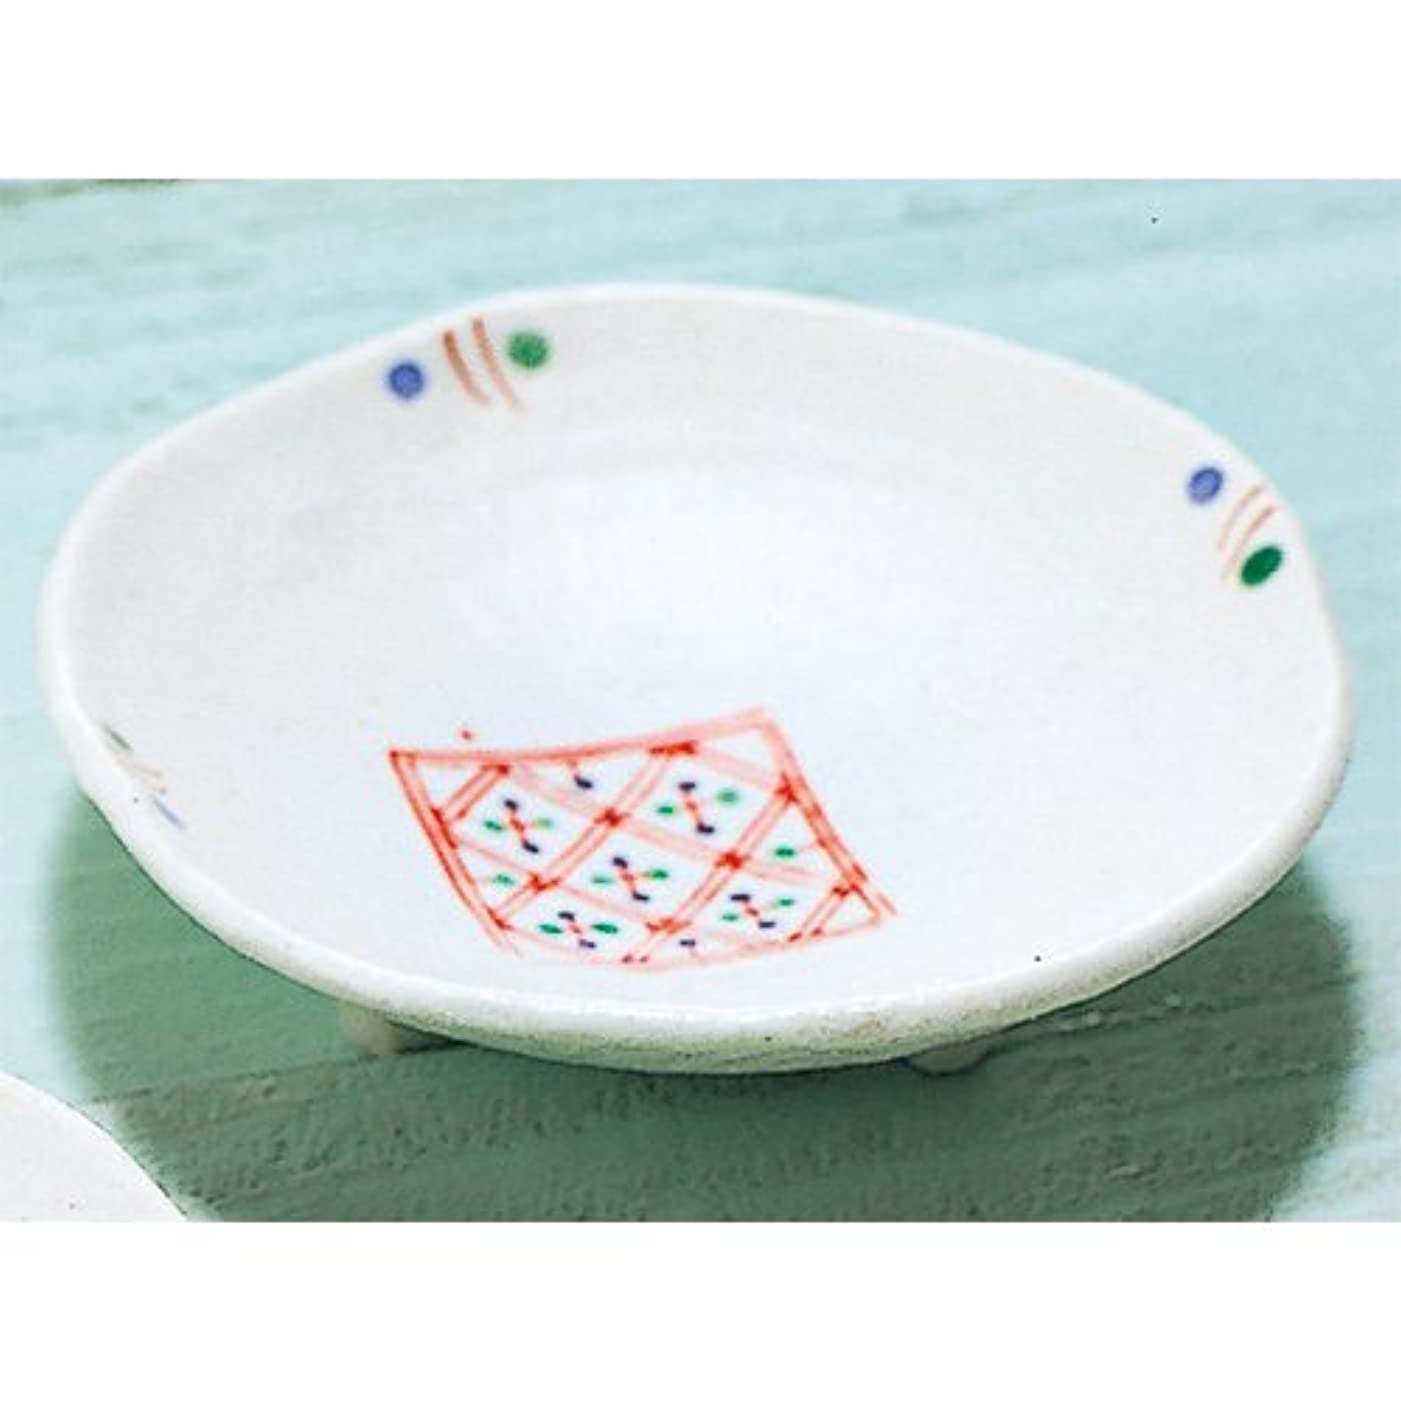 理想的には鋸歯状アコー香皿 赤絵 三ツ足香皿 地紋 [R9.2xH2.7cm] プレゼント ギフト 和食器 かわいい インテリア